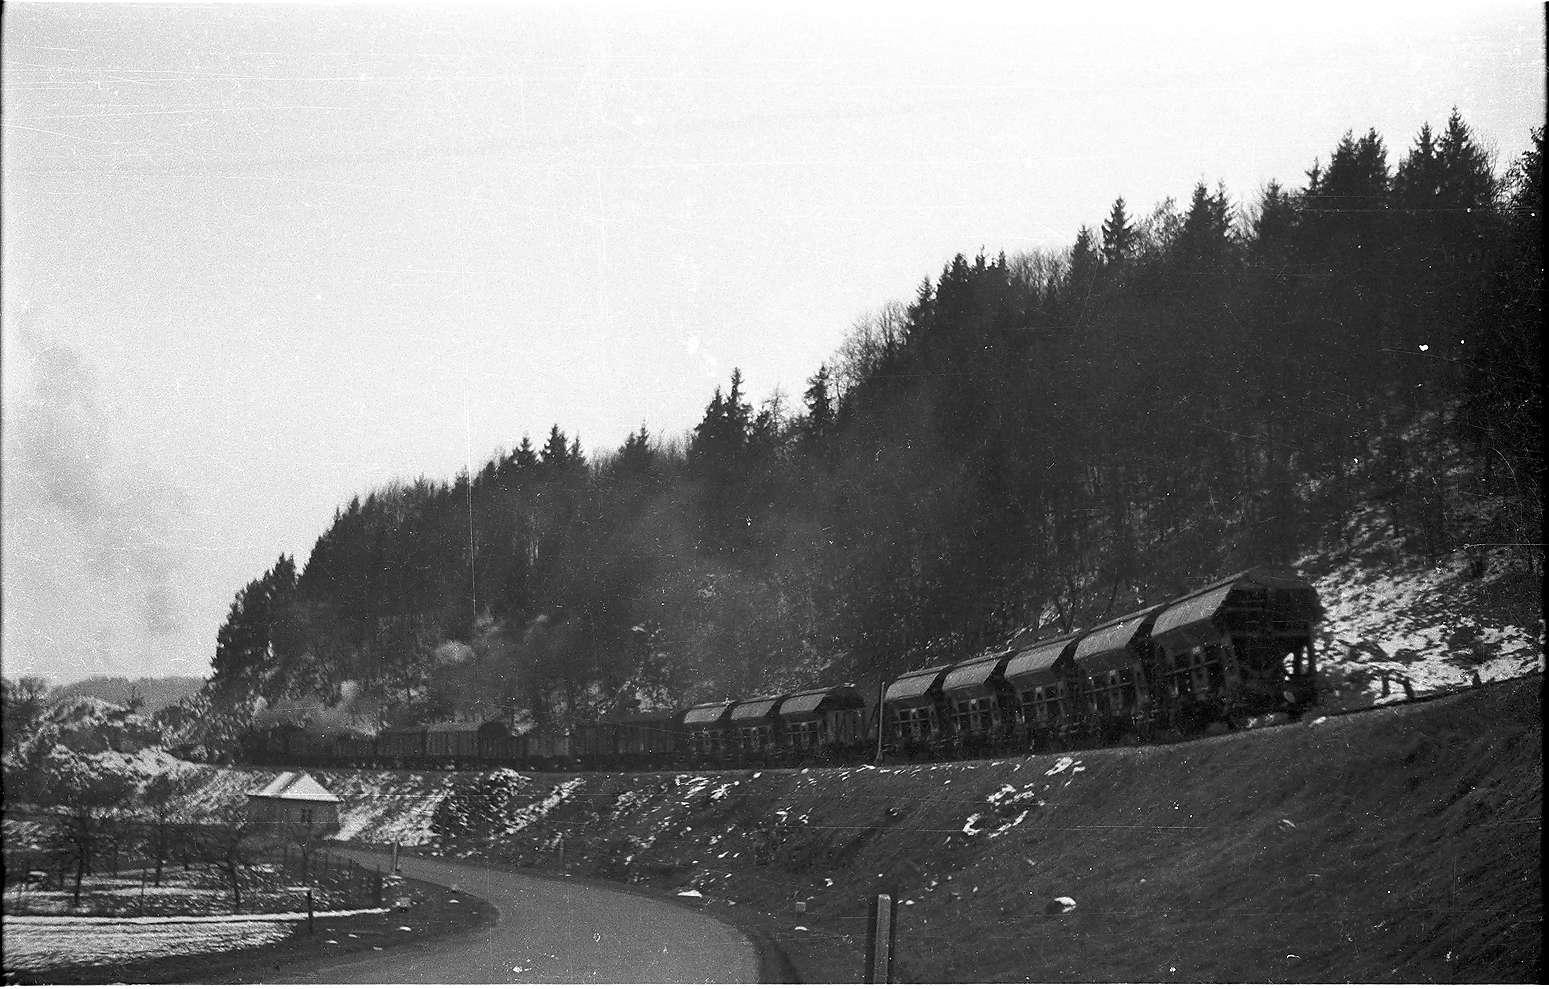 Veringendorf, Lok 15, Stückgutwagen und Salzwagen, Bauart Td, Bild 1